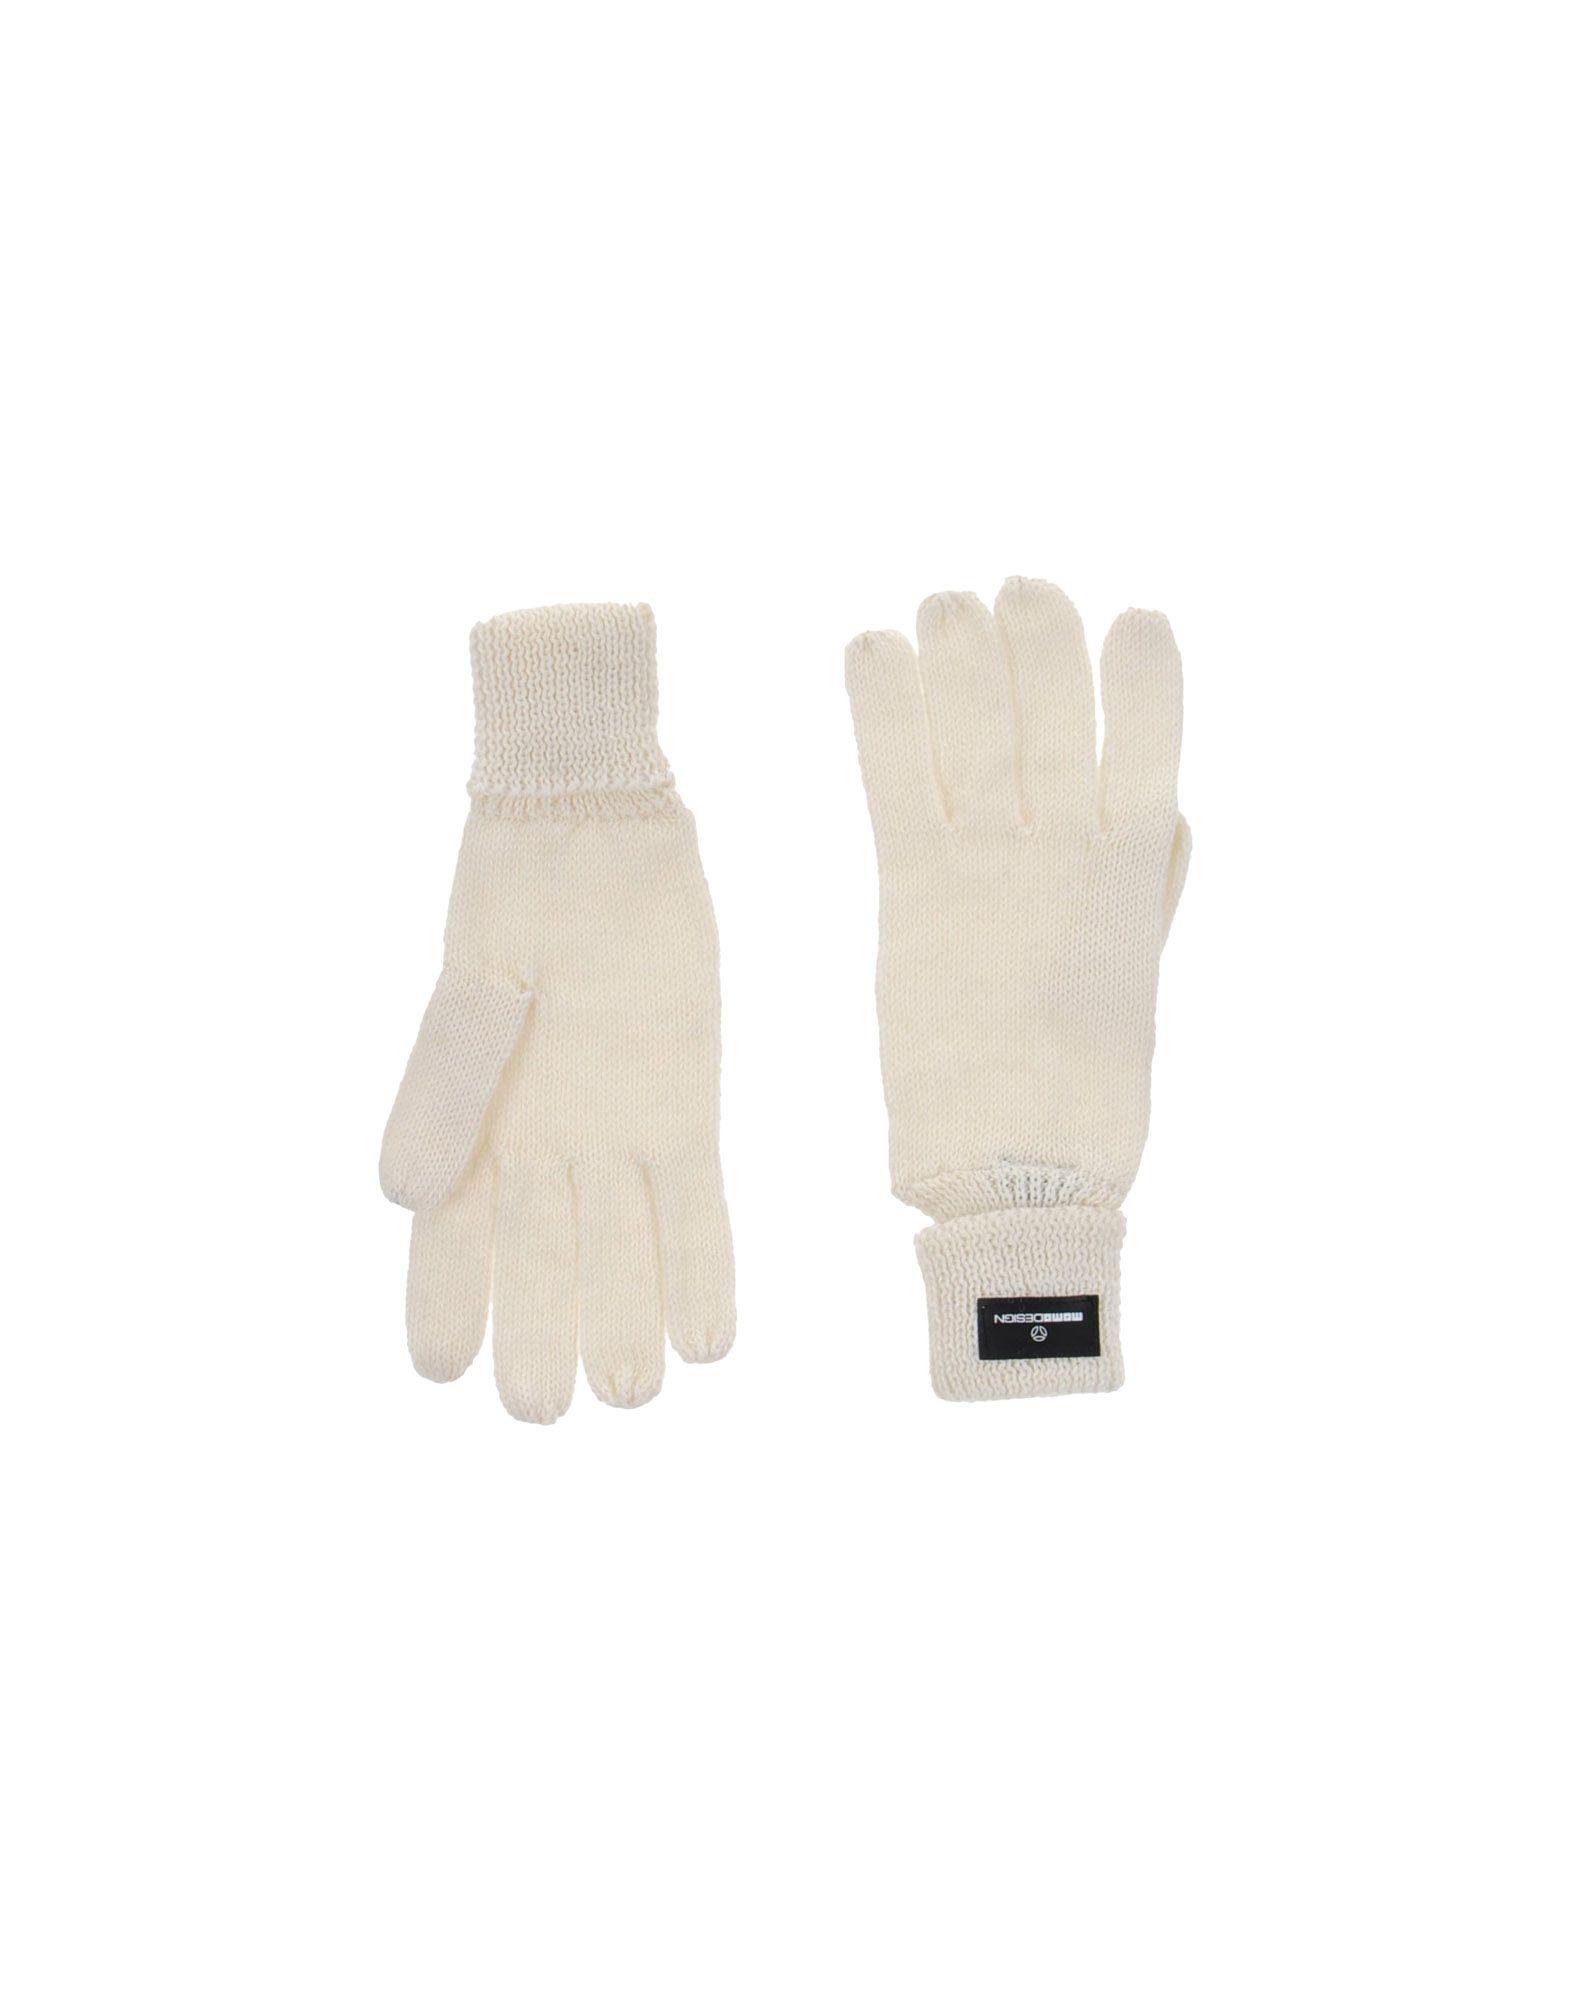 MOMO DESIGN Damen Handschuhe Farbe Elfenbein Größe 1